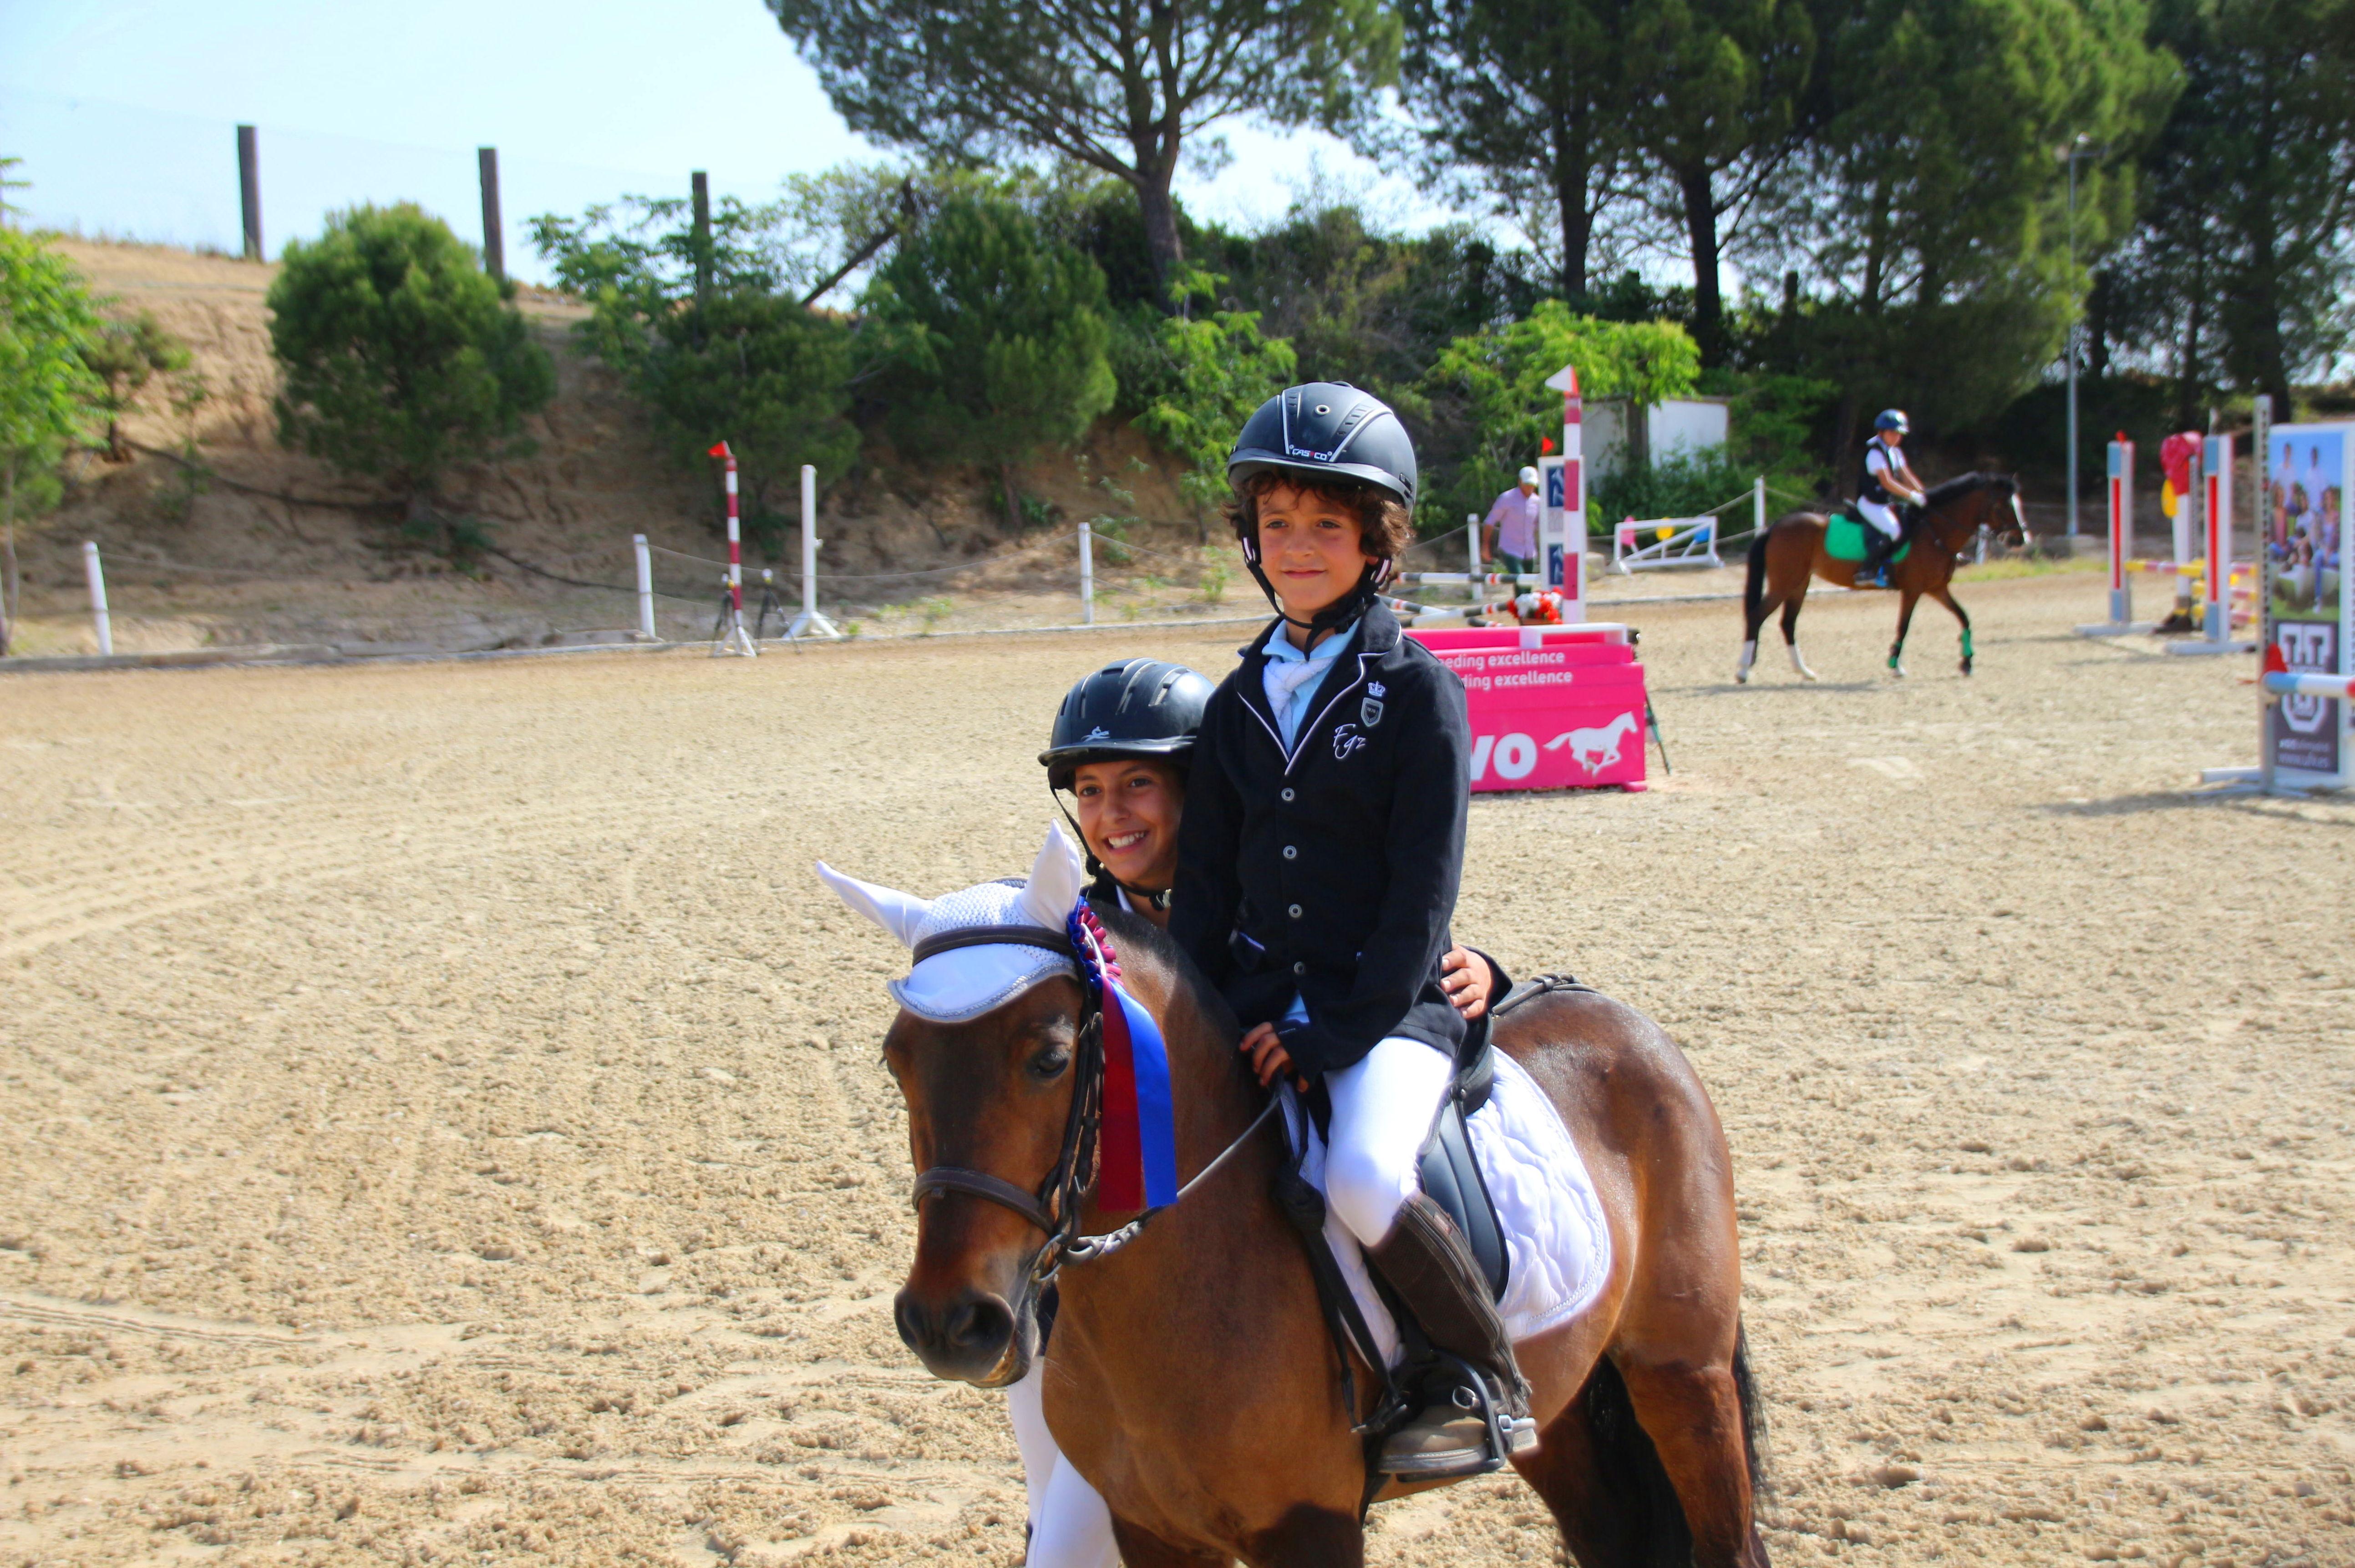 Foto 17 de Hípica y equitación en Fuente el Saz de Jarama | Club Hípico Lira Cubero